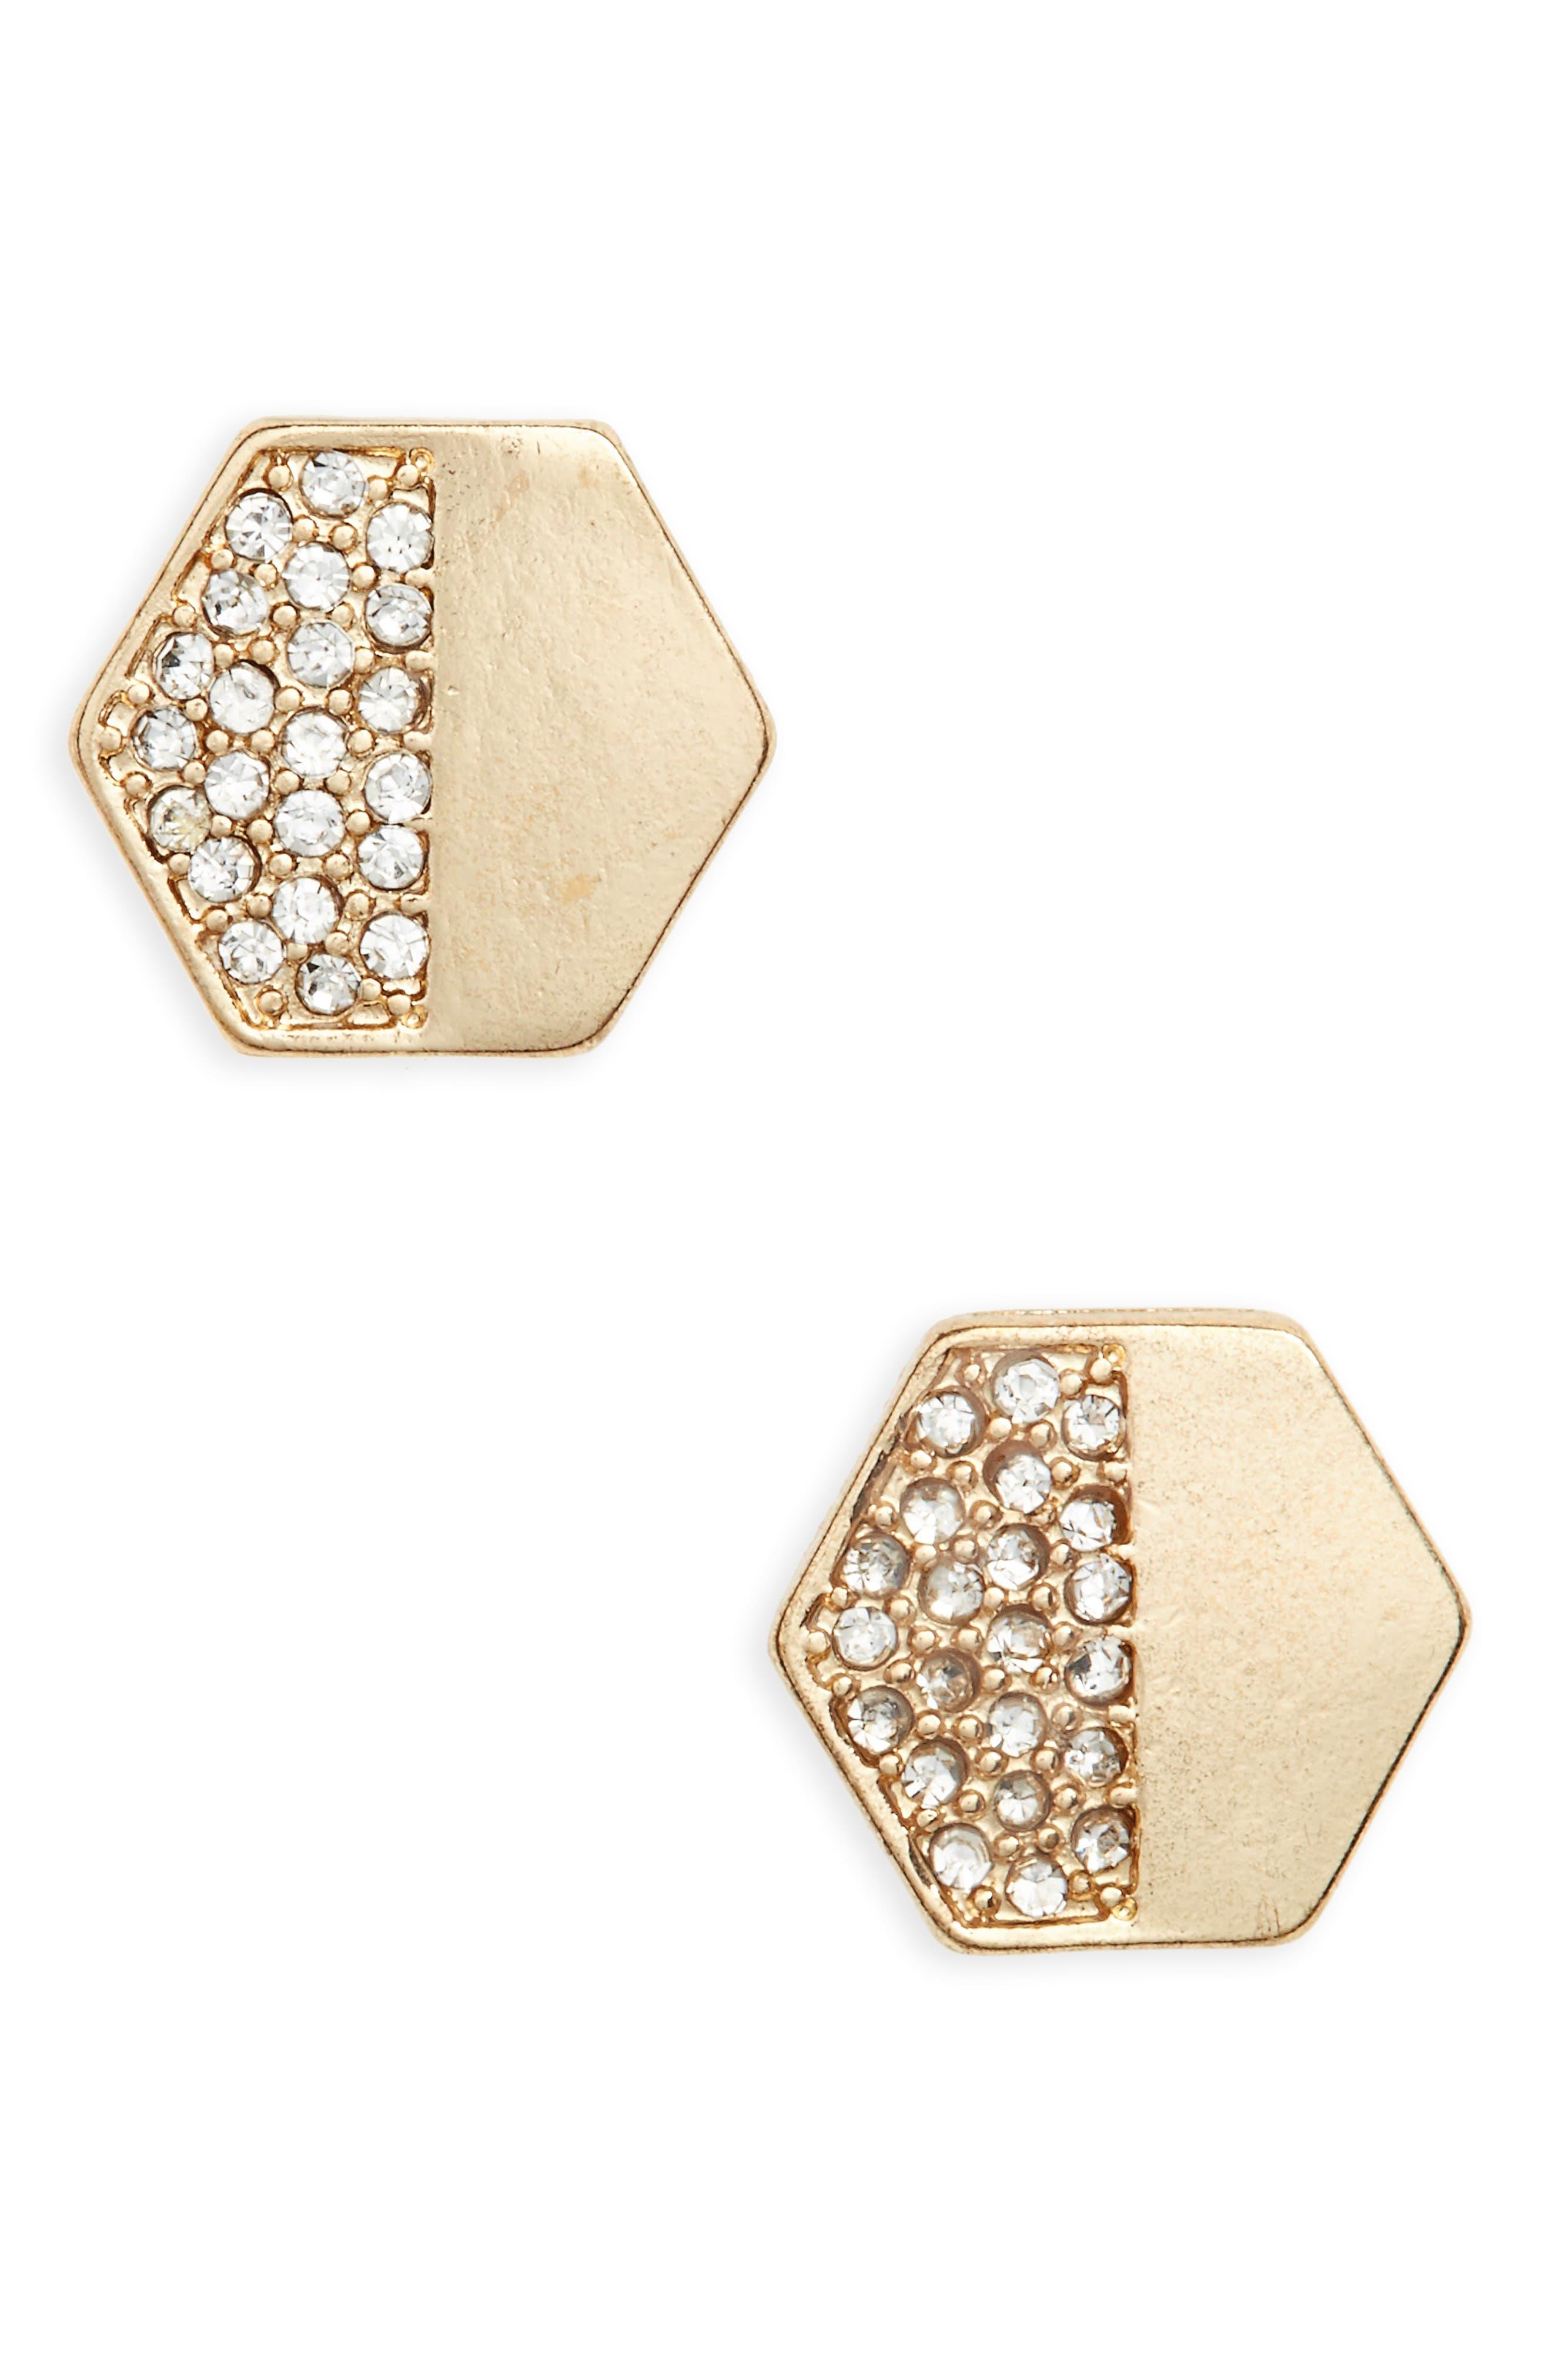 Alternate Image 1 Selected - BP. Crystal Hexagon Stud Earrings